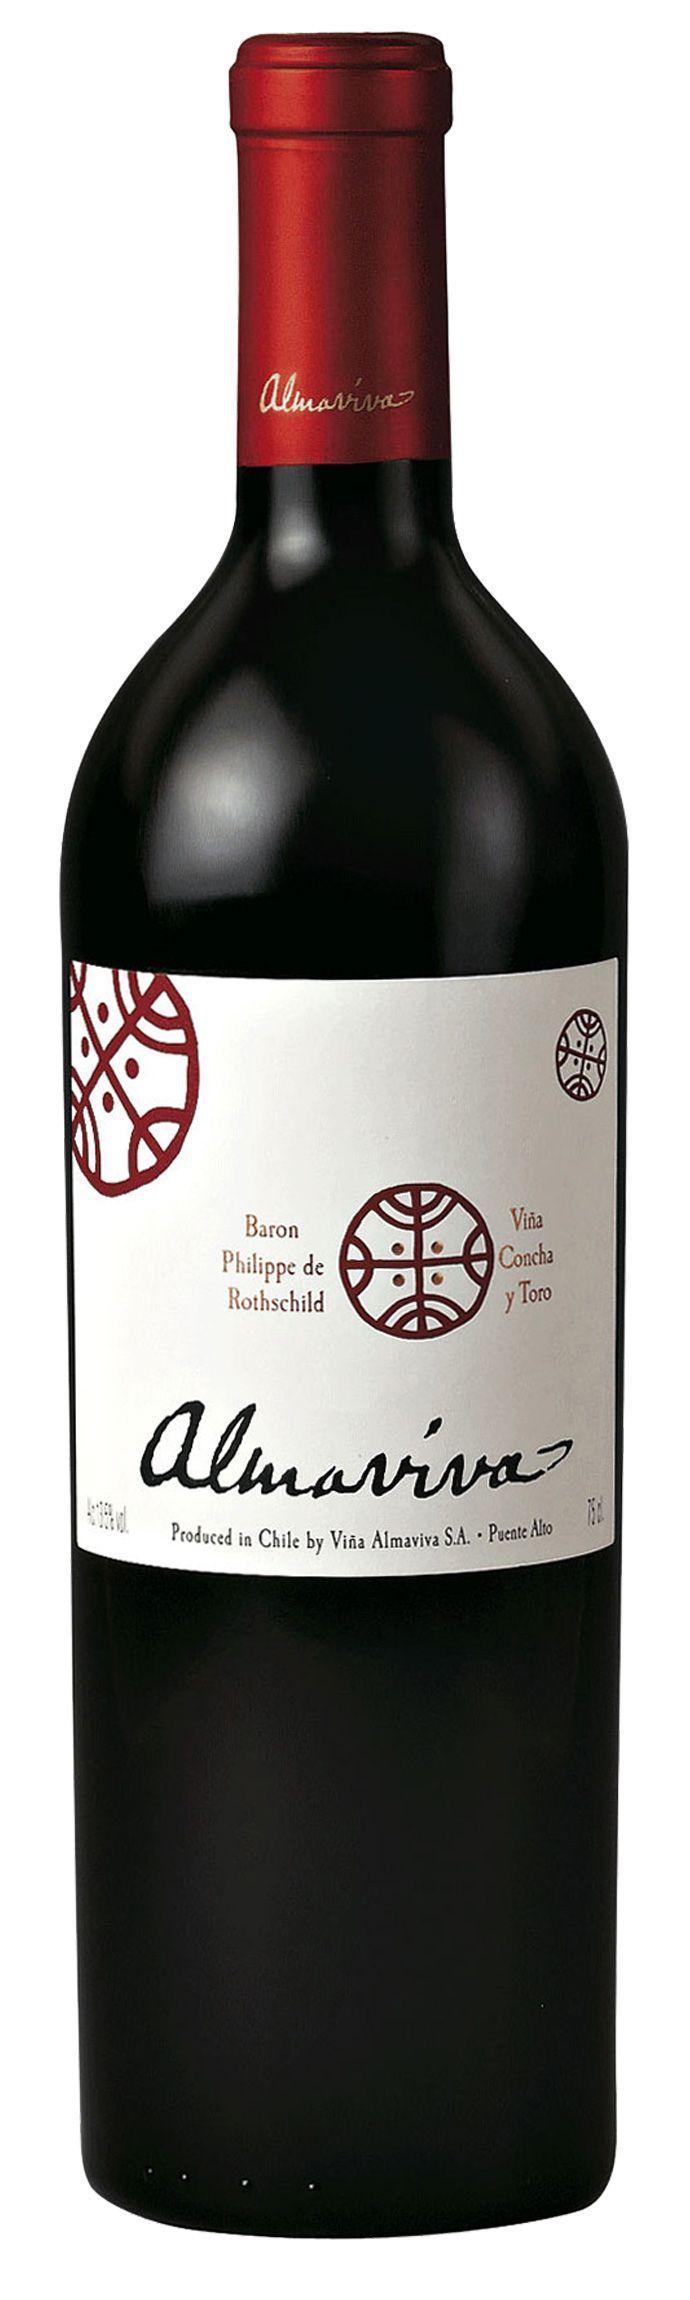 French-Chile wine : Baron Philippe de Rothschild Almaviva 2010 - Puente Alto - Chile - Maipo Valley - Blend